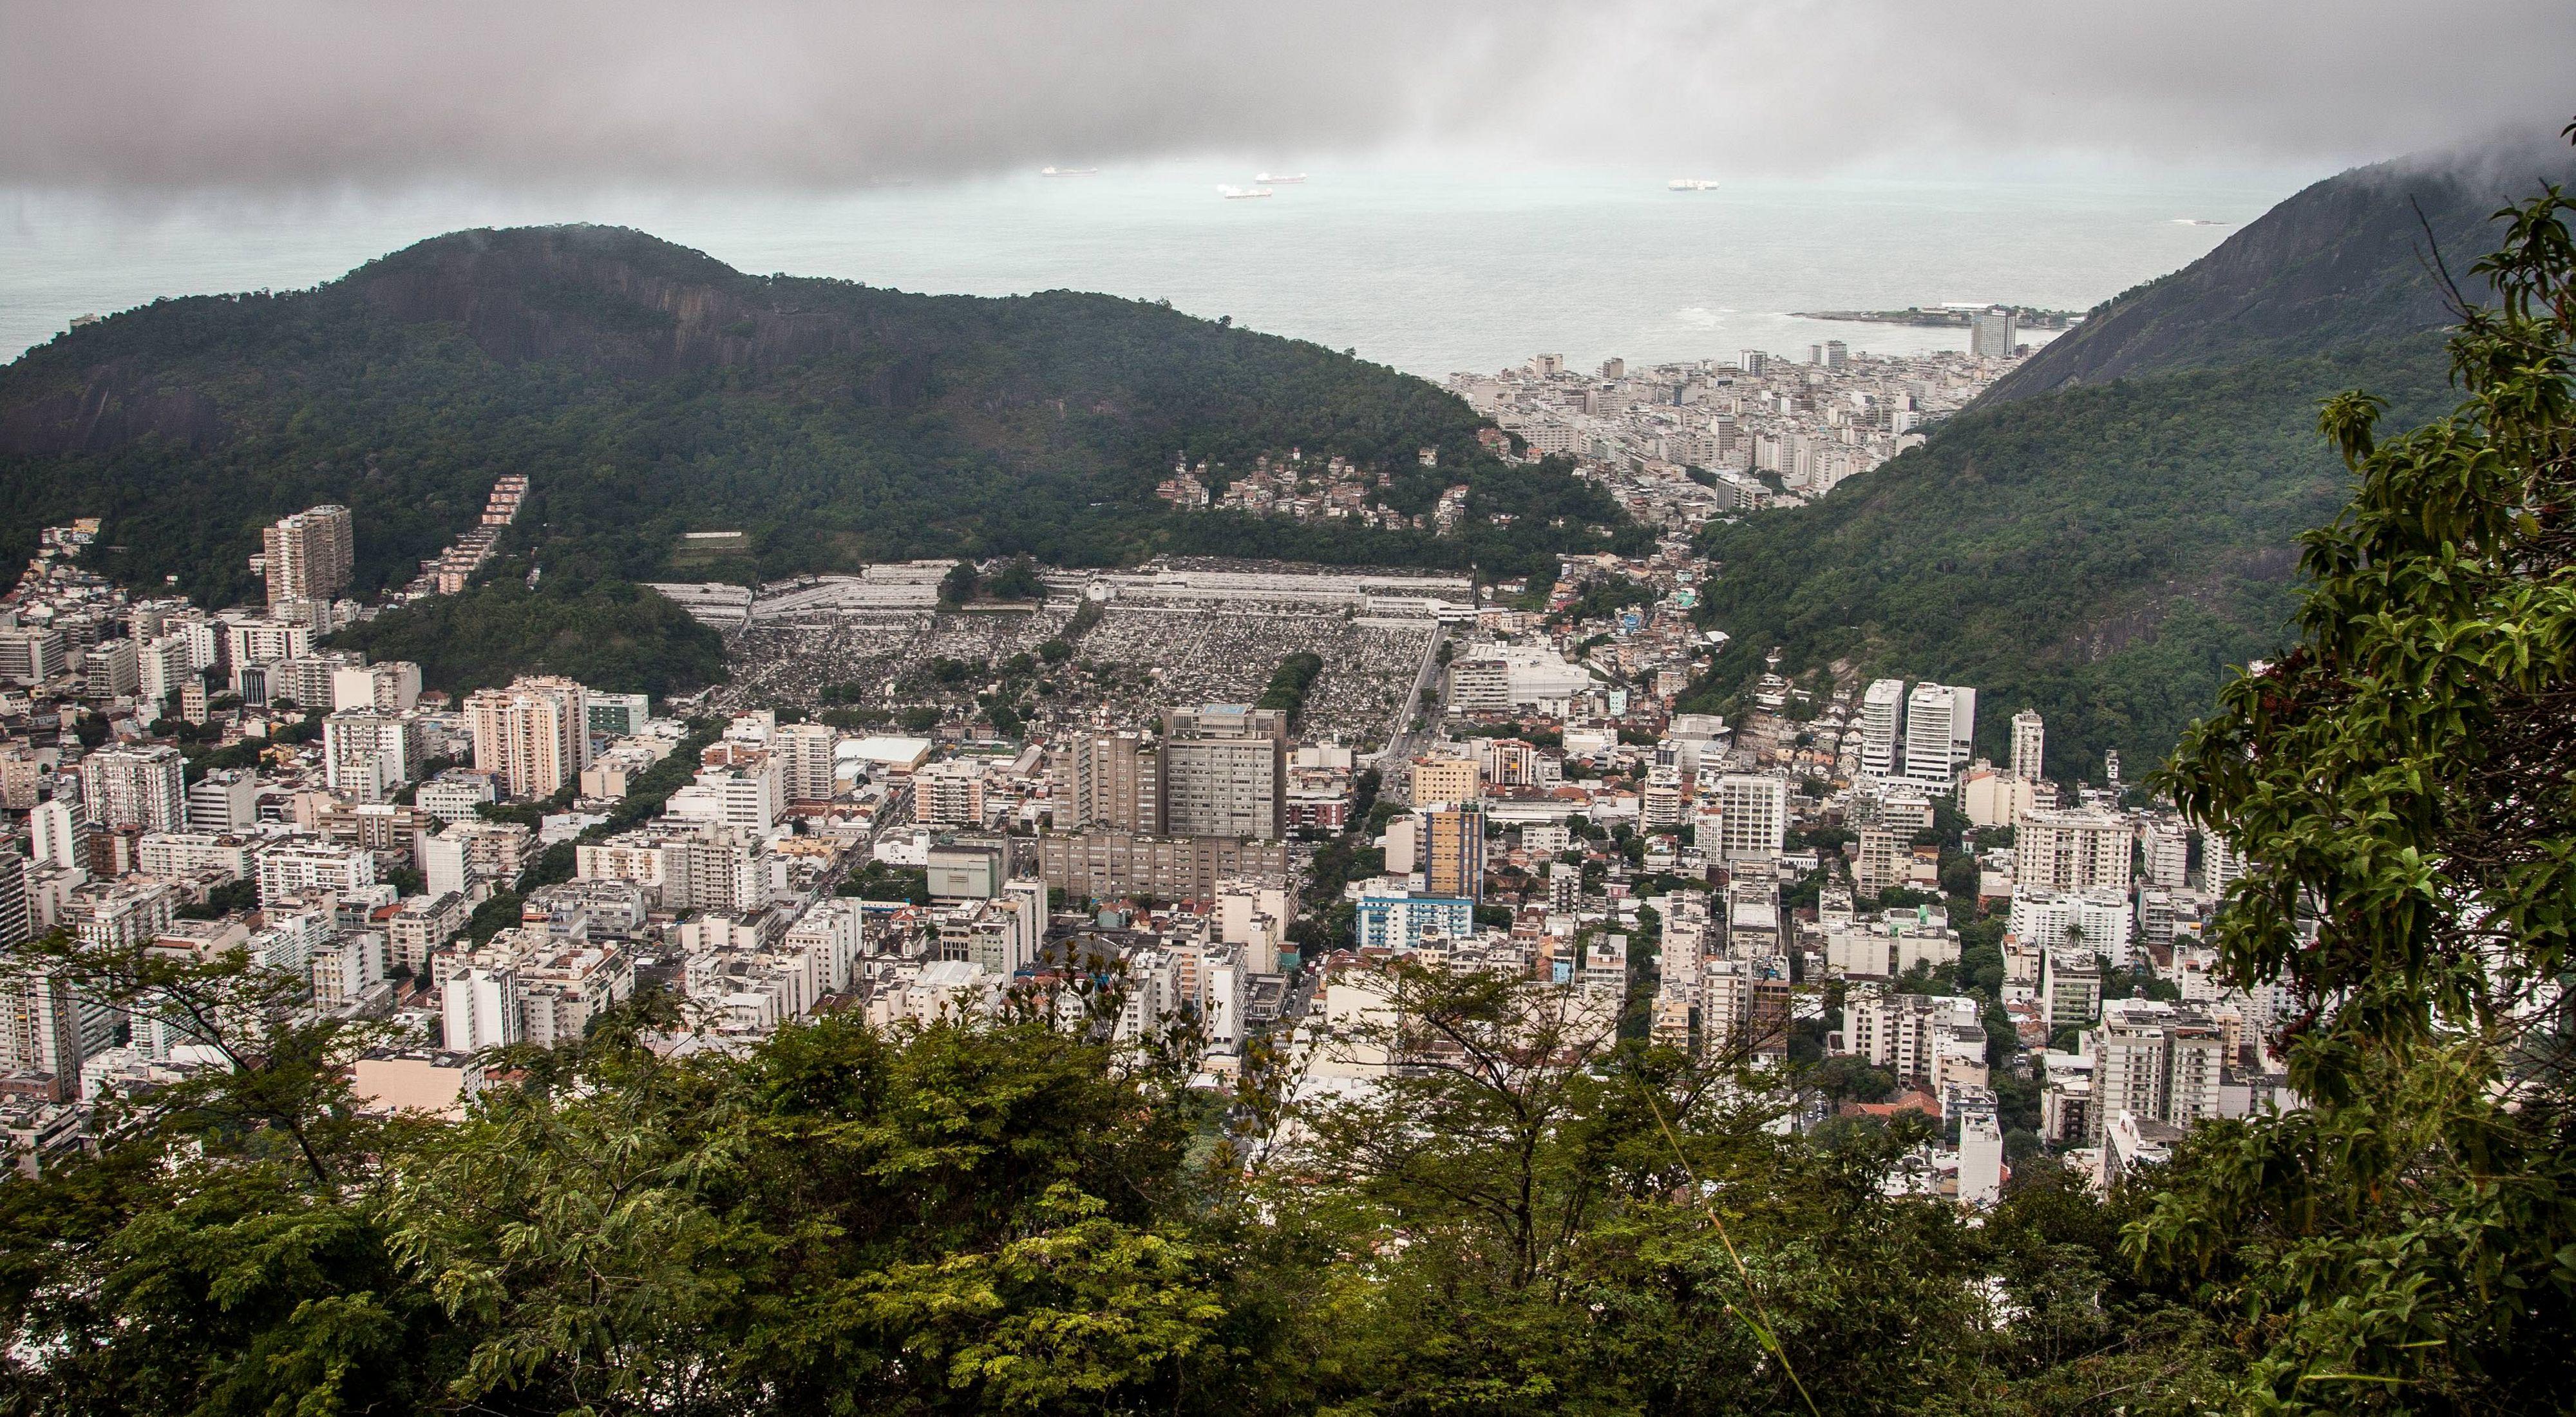 Landscape of Rio de Janeiro, Brazil.